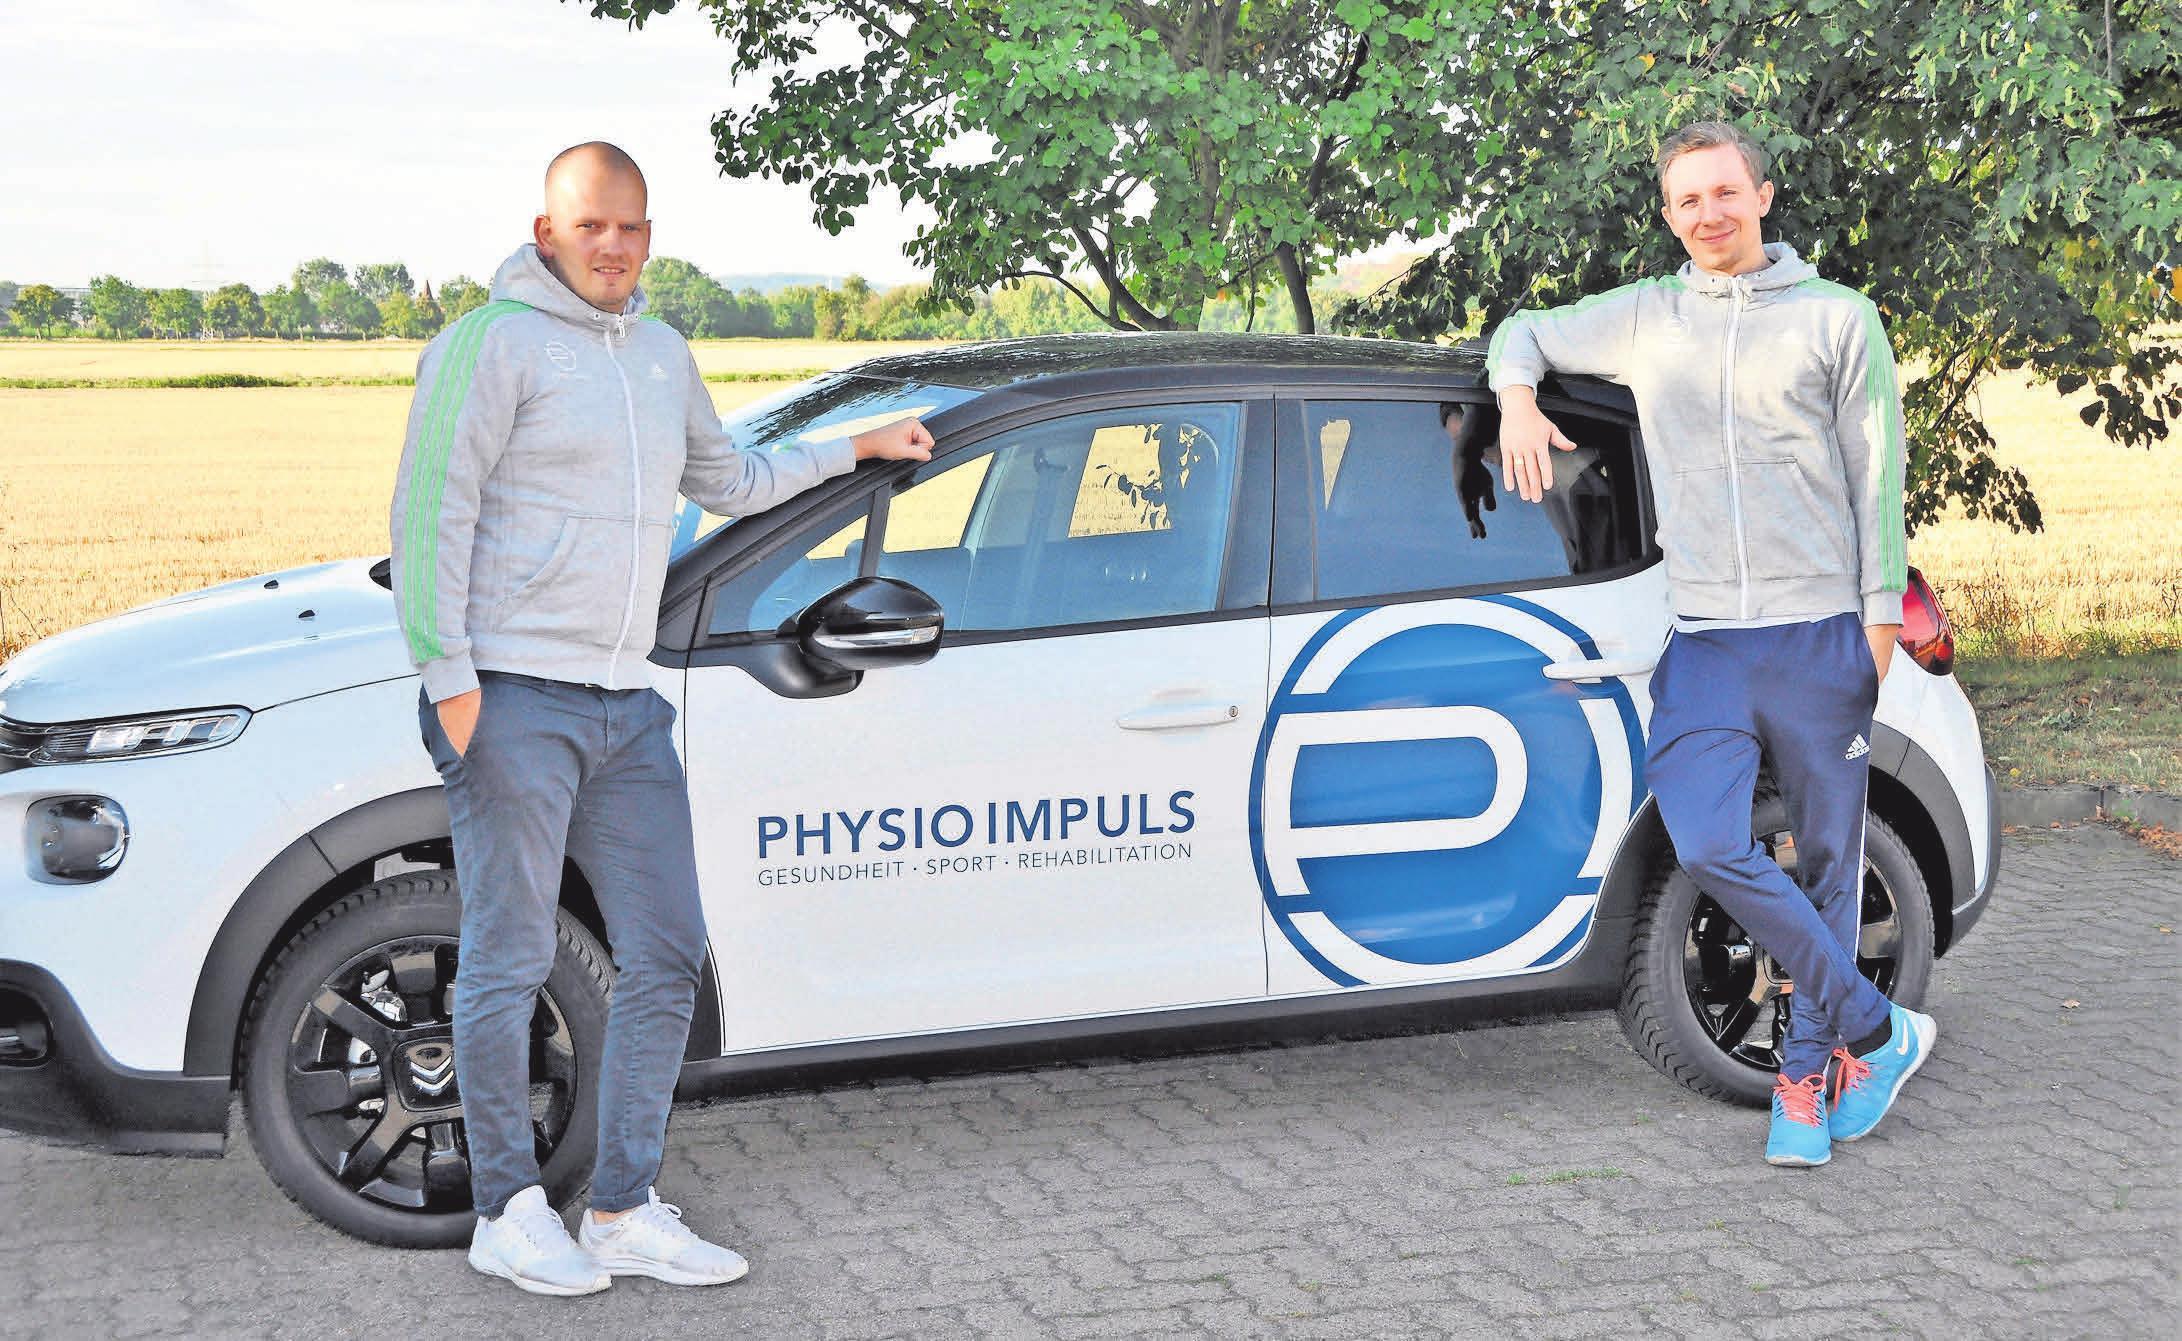 Lars Papenberg (rechts) und Hendrik Neumann leiten gemeinsame die PhysioImpuls-Praxis im Empelder Sportcenter.